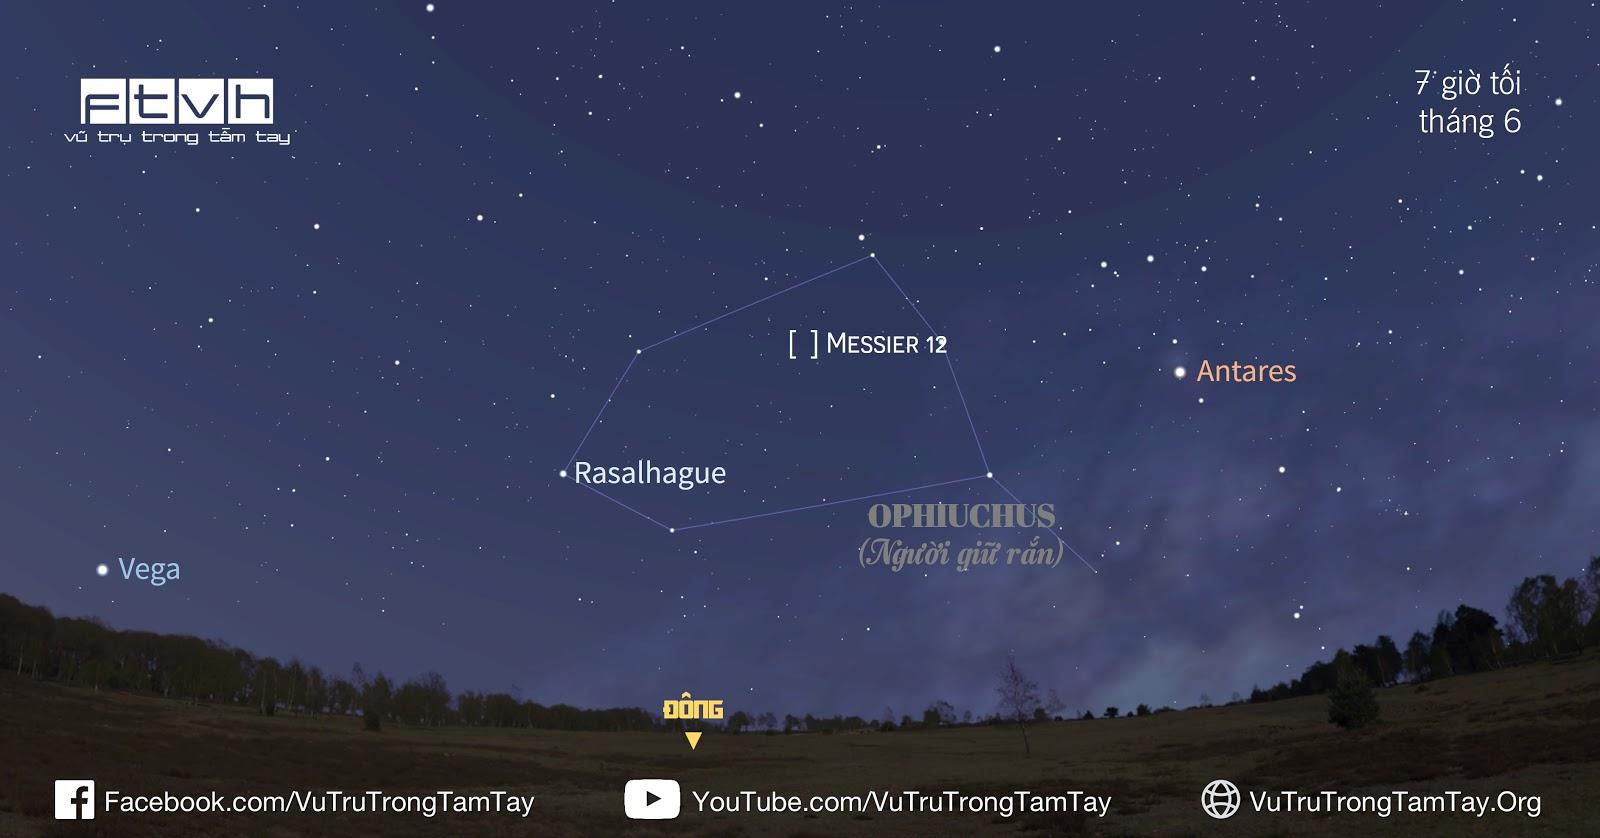 Vị trí của Messier 12 ở hướng đông trên bầu trời tháng 6 lúc 7 giờ tối. Hình ảnh: Stellarium/Ftvh - Vũ trụ trong tầm tay.